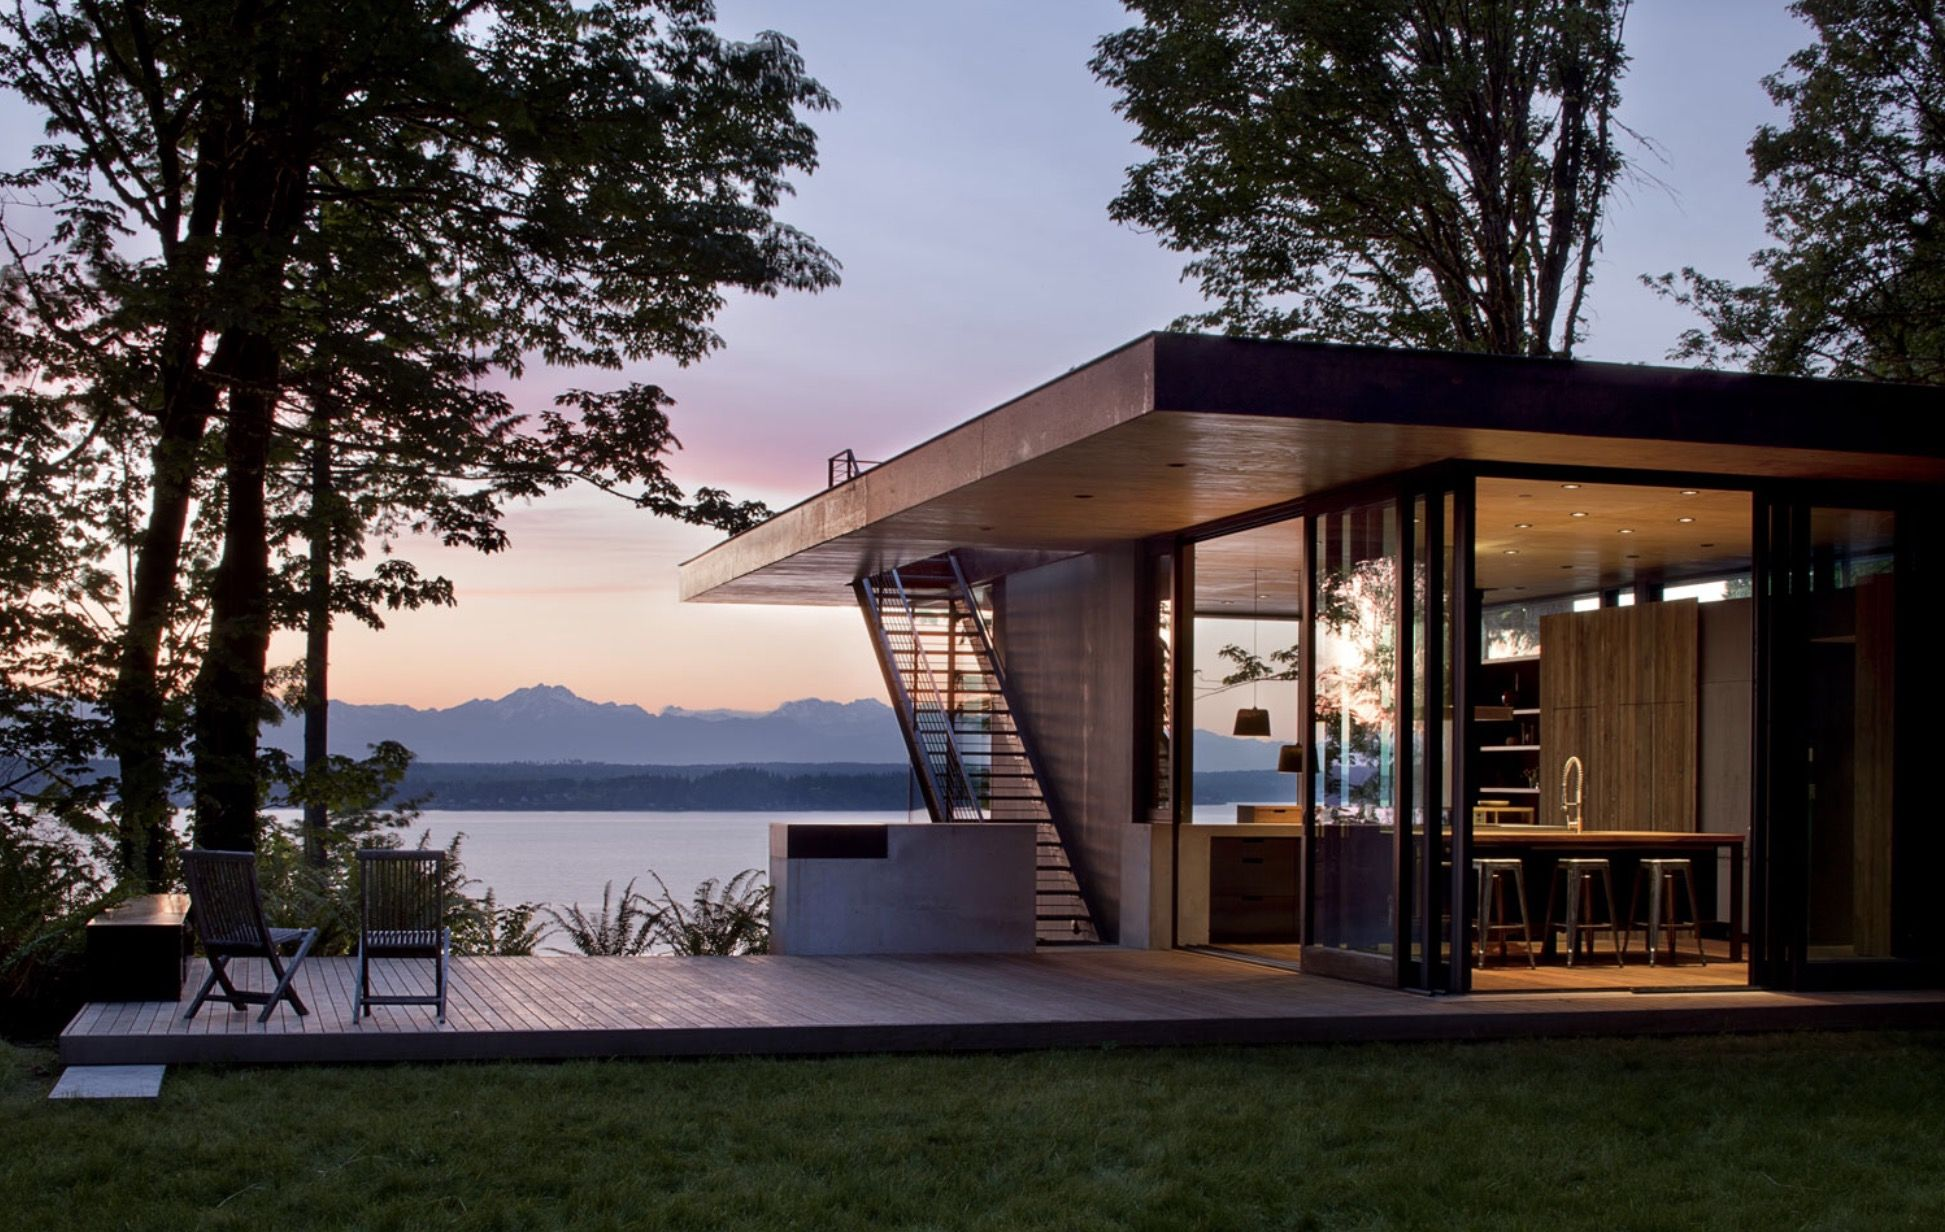 Haus Der Architektur, Olympische Spiele, Design Projekte, Häuser Am See,  Kleine Häuser, Architekten, Designer, Treppen